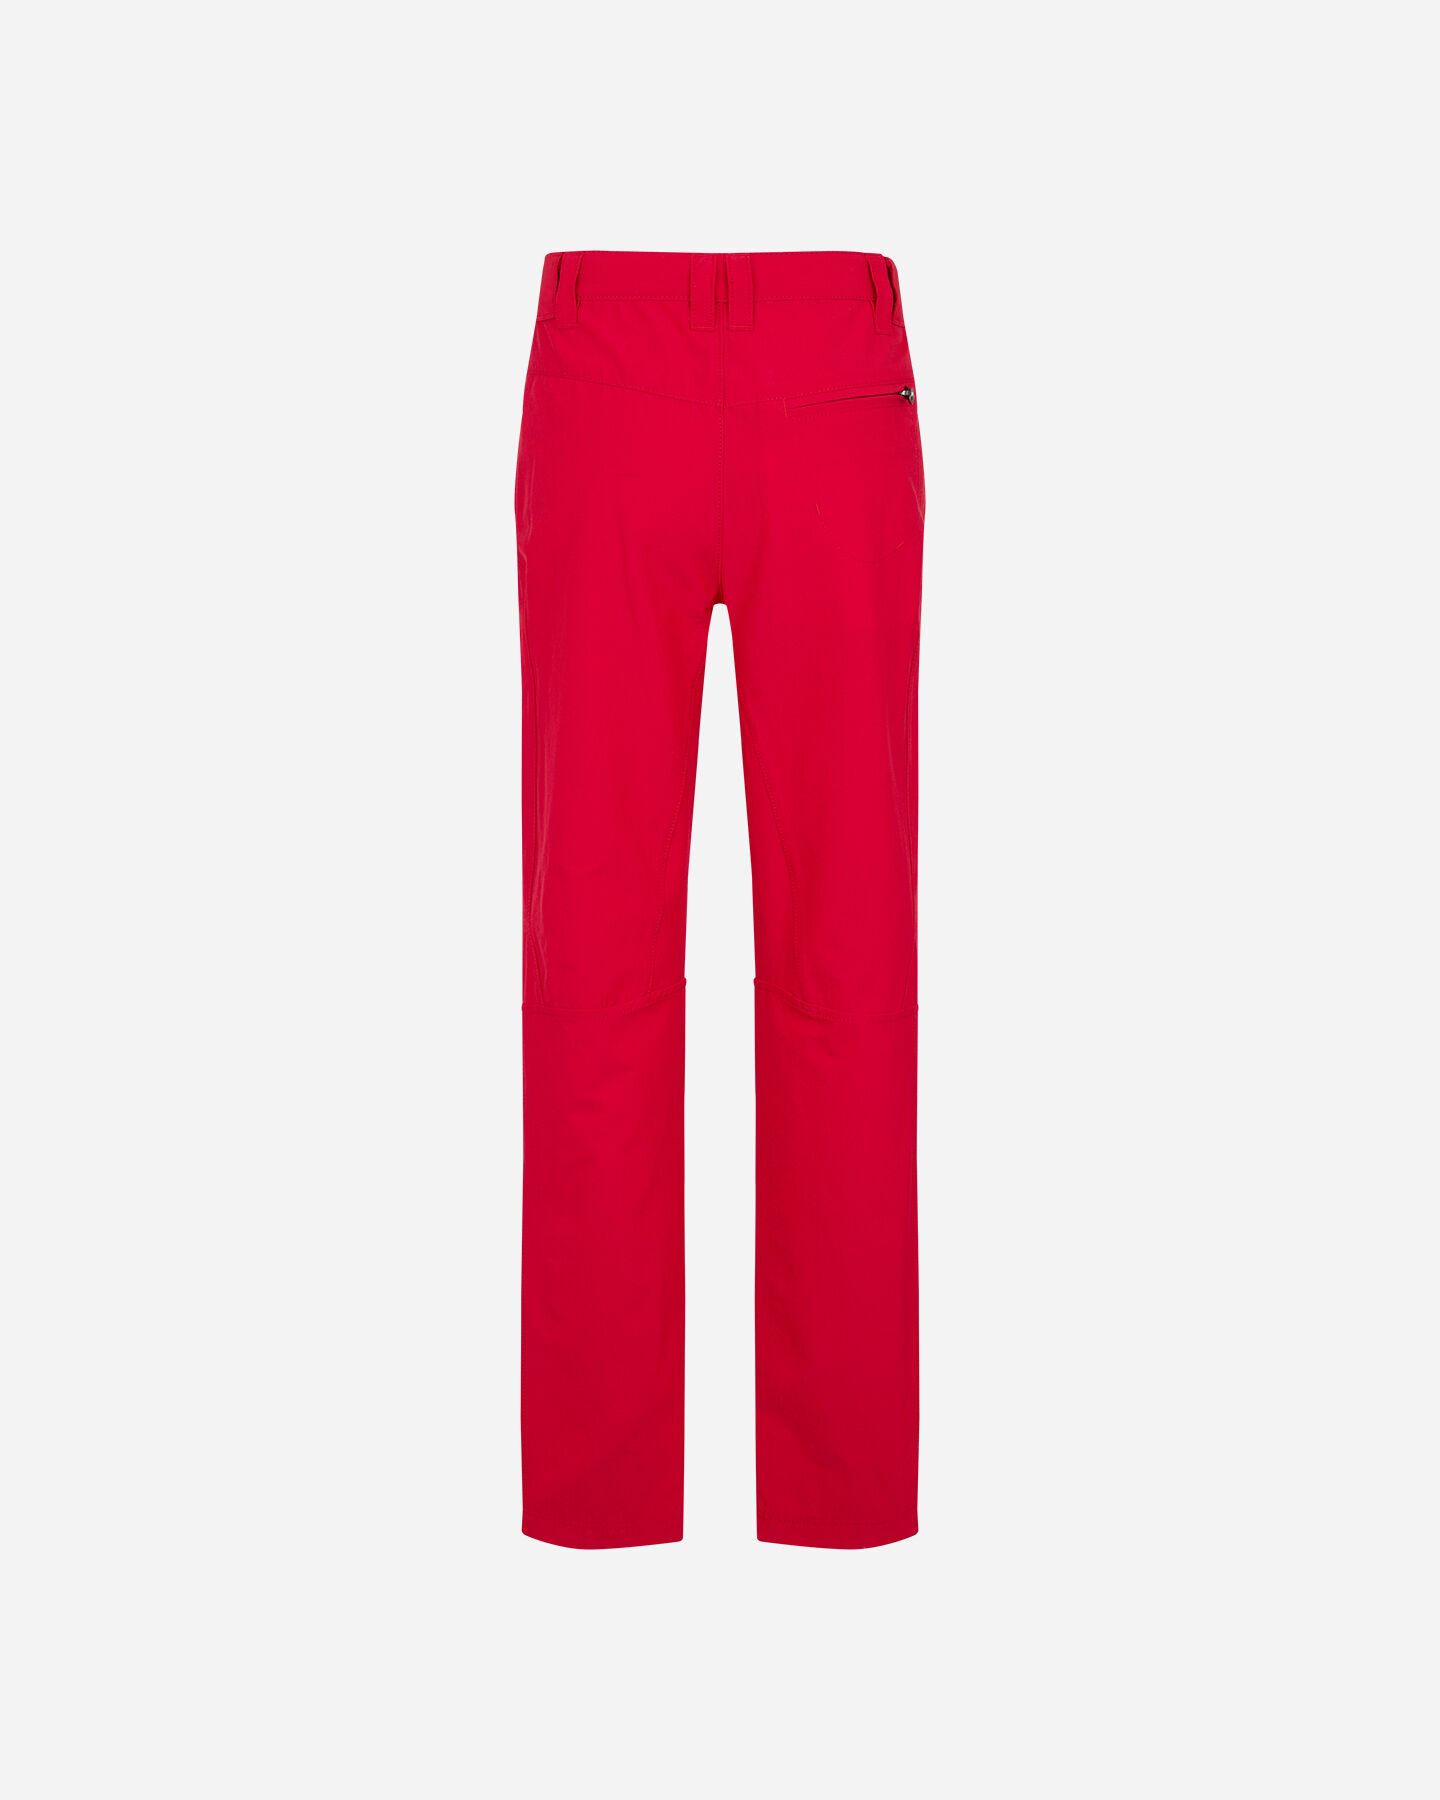 Pantalone outdoor MCKINLEY SCRANTON JR S5158141 scatto 1